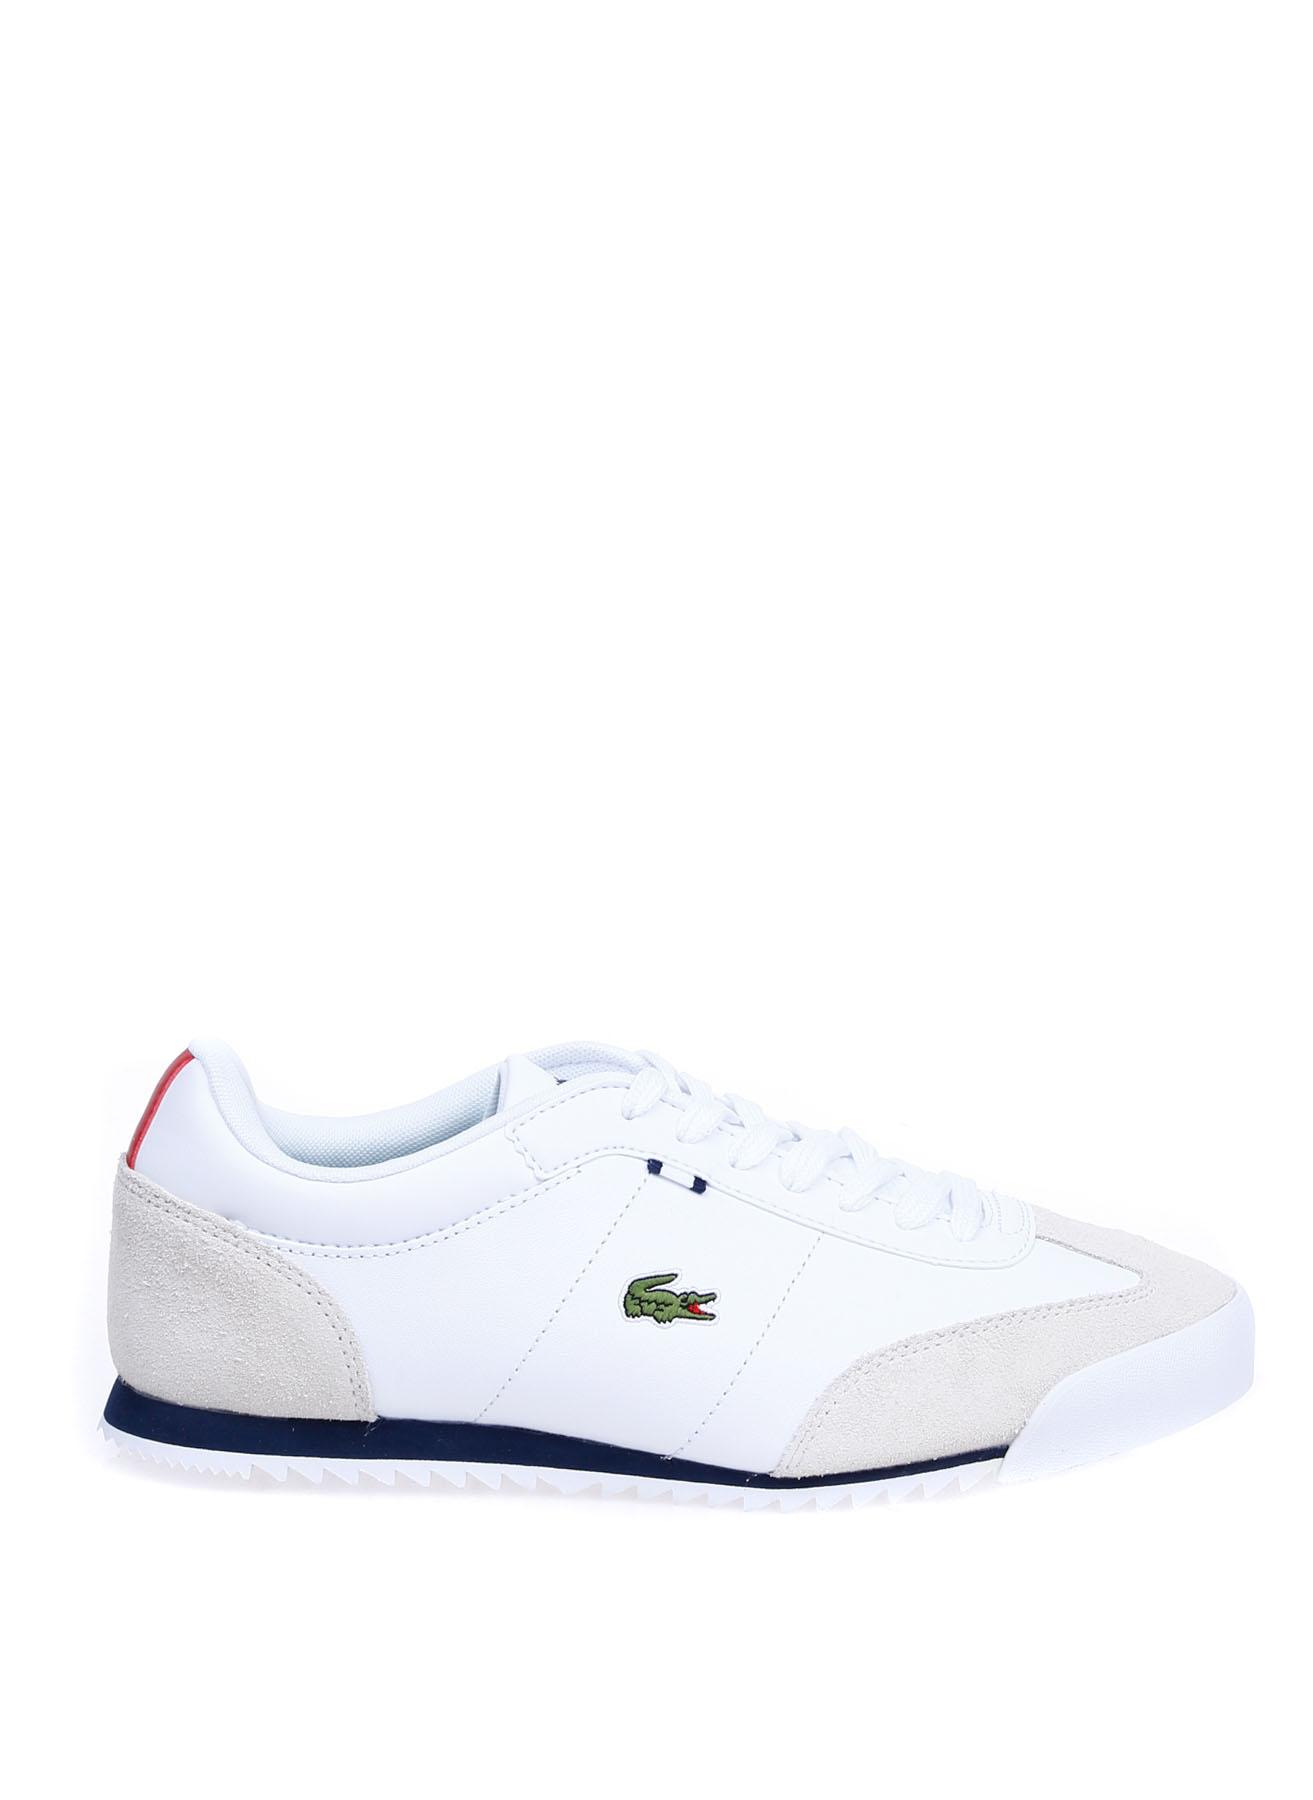 Lacoste Erkek Deri Beyaz Lifestyle Ayakkabı 45 5001483967006 Ürün Resmi